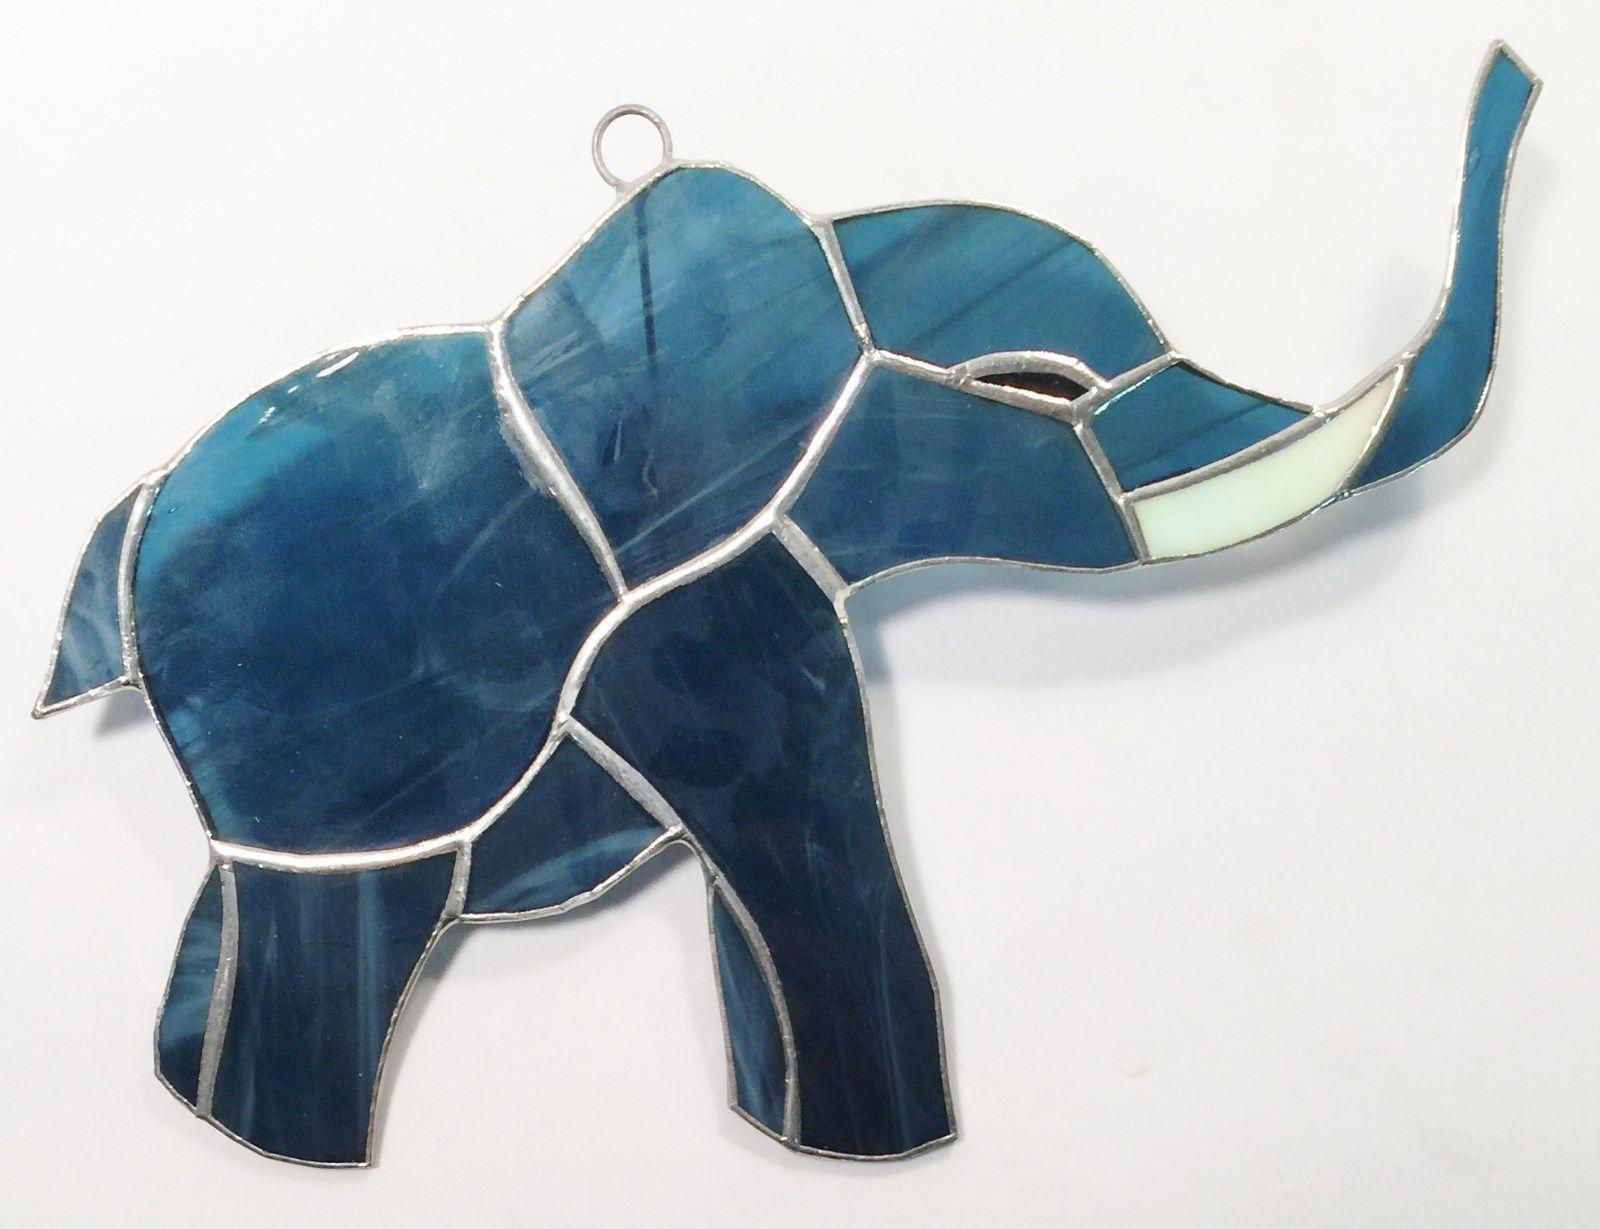 Blue /& Turquoise Elephant Suncatcher Window Wall Decoration Colourful Gift